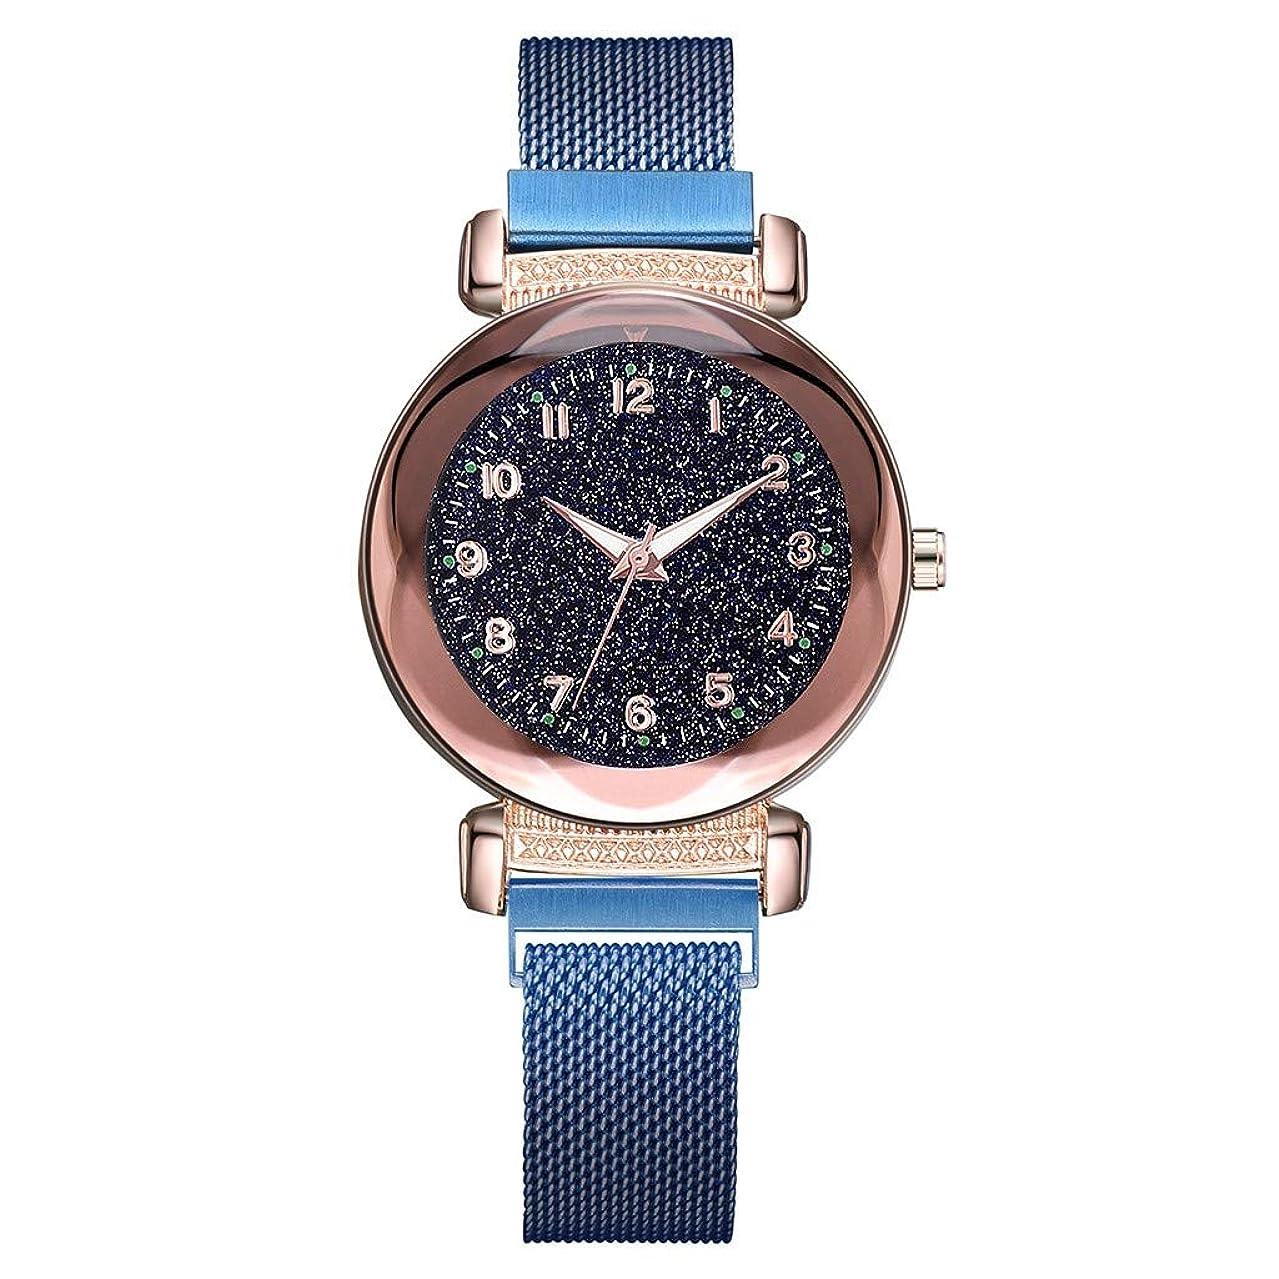 ワイド熱断言する人気 高級 ファッション レディース ガールズ 腕時計-Waminger[ワミナー] 時計軽量 快適 上品さ おしゃれ プレゼントマルチスケール 発光 小ダイヤル ファッション クォーツ メッシュ女の子 姬風 流行 安い ウオッチ(ブルー)